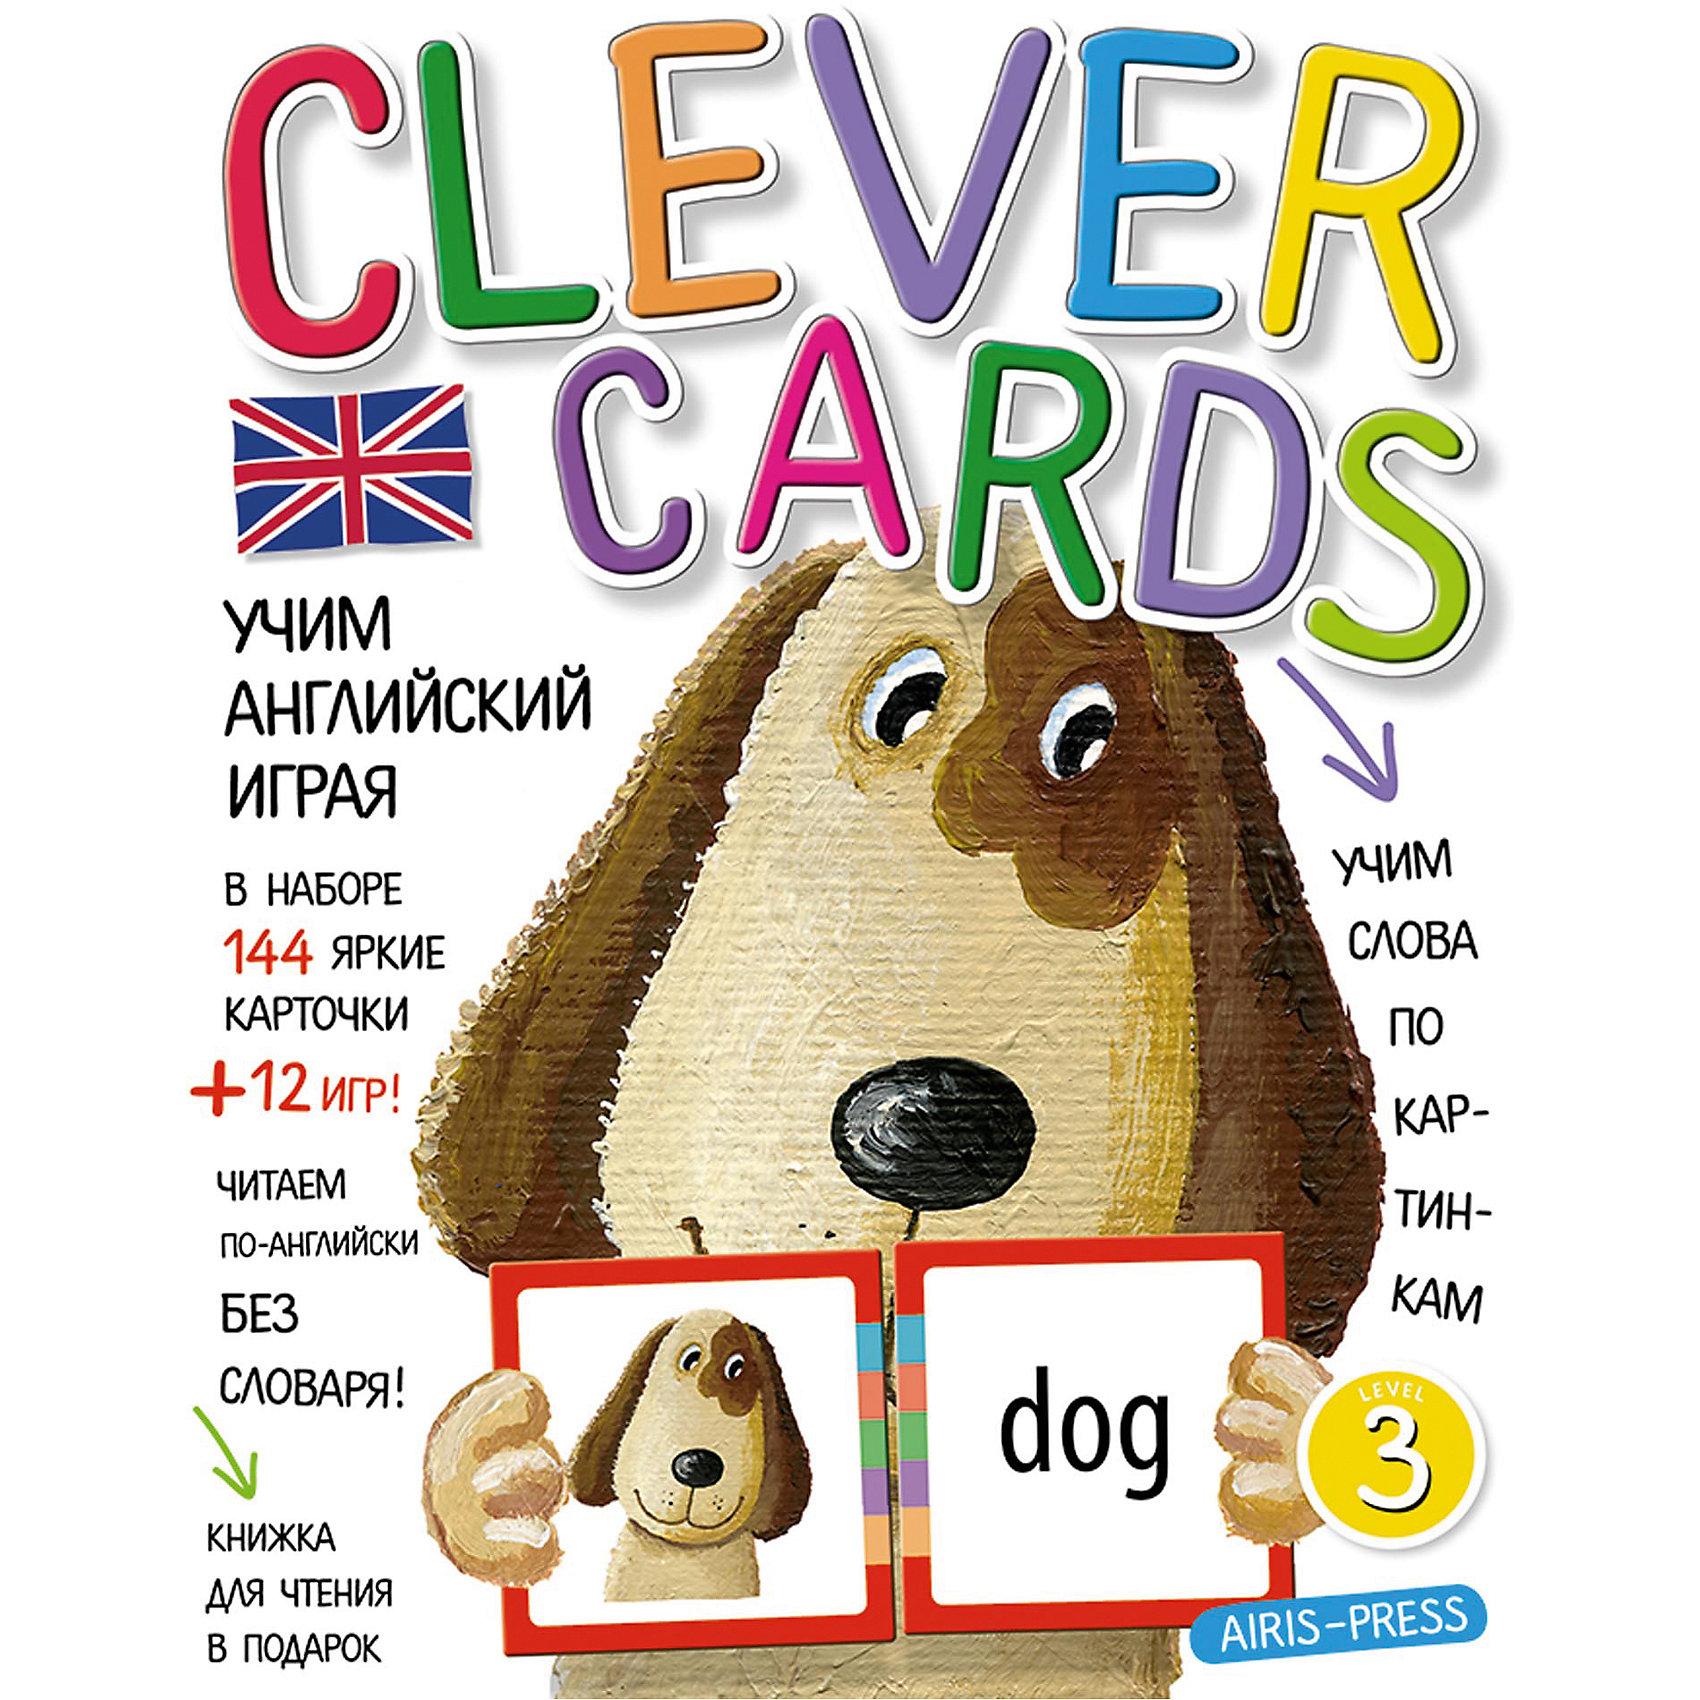 """Учим английский играя, уровень 3Иностранный язык<br>Набор игровых карточек """"Clever Cards. Level 3"""" поможет детям быстро и незаметно для себя освоить значительную часть лексики начальной школы. А еще даст возможность читать английские тексты без словаря! Кроме того, в наборе вы найдёте сборник с методическими рекомендациями, который поможет вам правильно организовать обучающие игры. Книжку со сказкой """"Beauty and the Beast"""" мы вам дарим! Попробуйте прочитать её, не пользуясь словарем в конце книжки.<br><br>Ширина мм: 15<br>Глубина мм: 170<br>Высота мм: 220<br>Вес г: 250<br>Возраст от месяцев: -2147483648<br>Возраст до месяцев: 2147483647<br>Пол: Унисекс<br>Возраст: Детский<br>SKU: 6849554"""